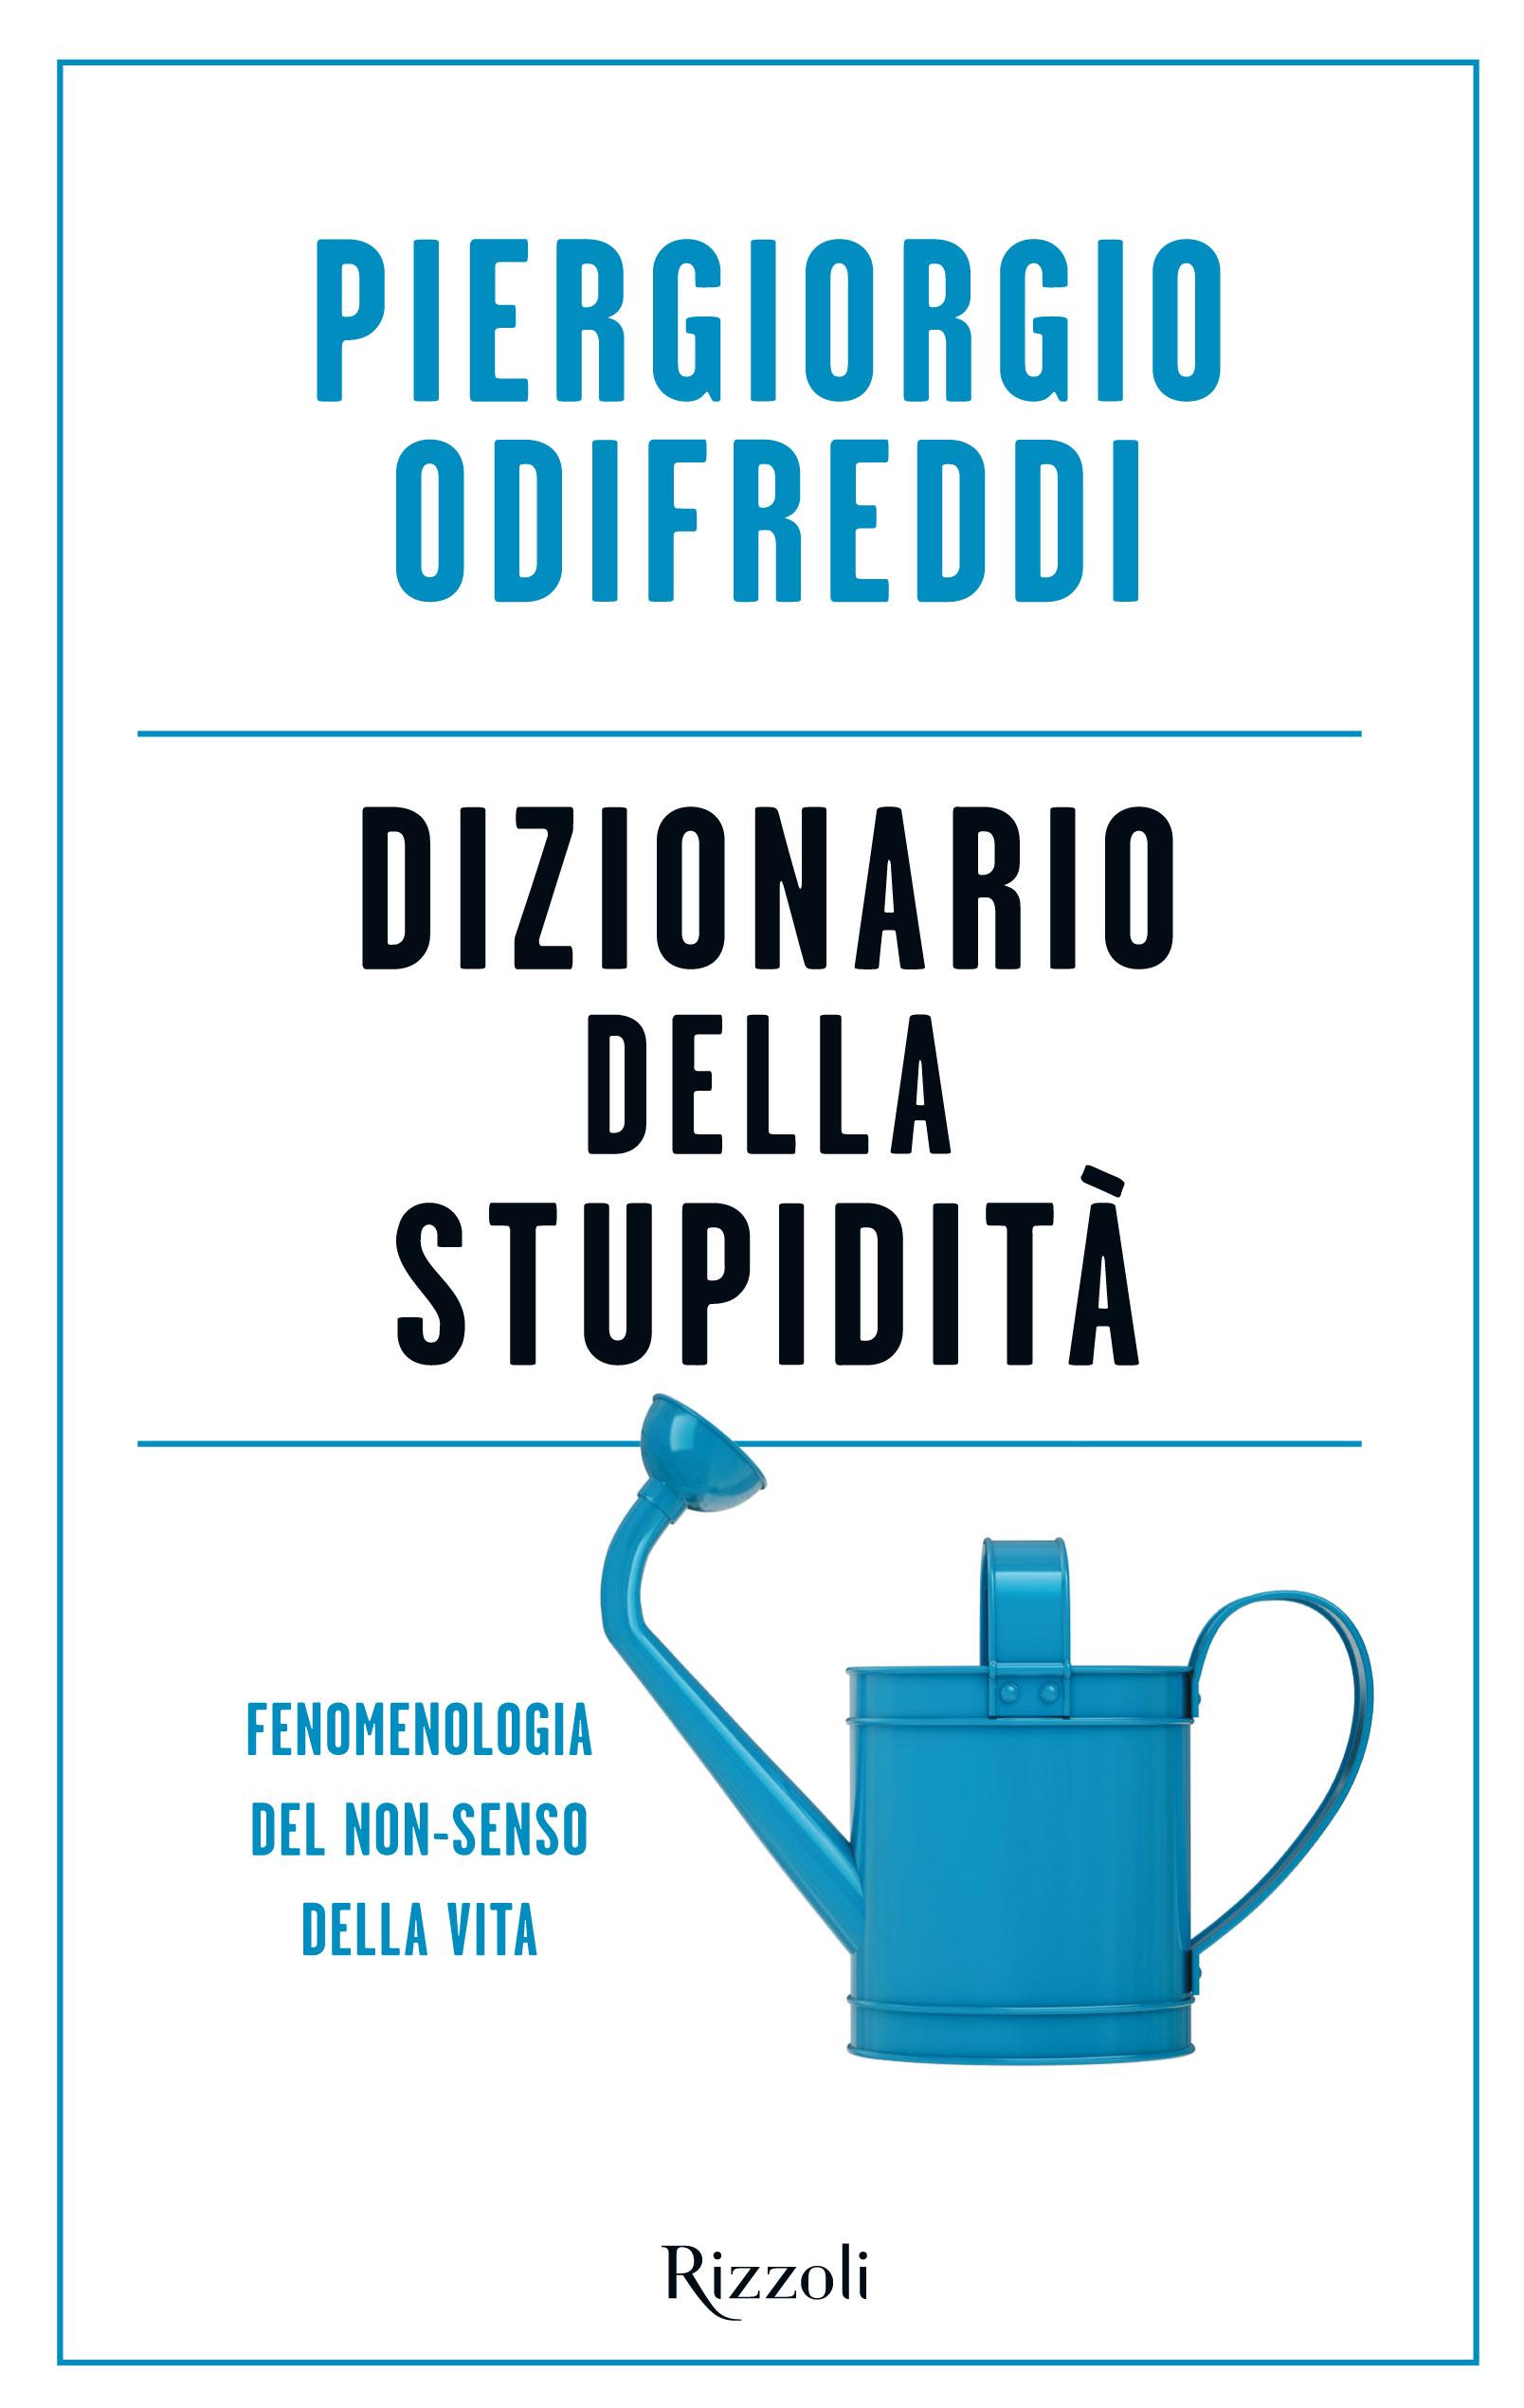 DIZIONARIO DELLA STUPIDITA' <br>  Fenomenologia del non-senso della vita <br> <br> <br> In libreria dal 1 Settembre 2016 <br>